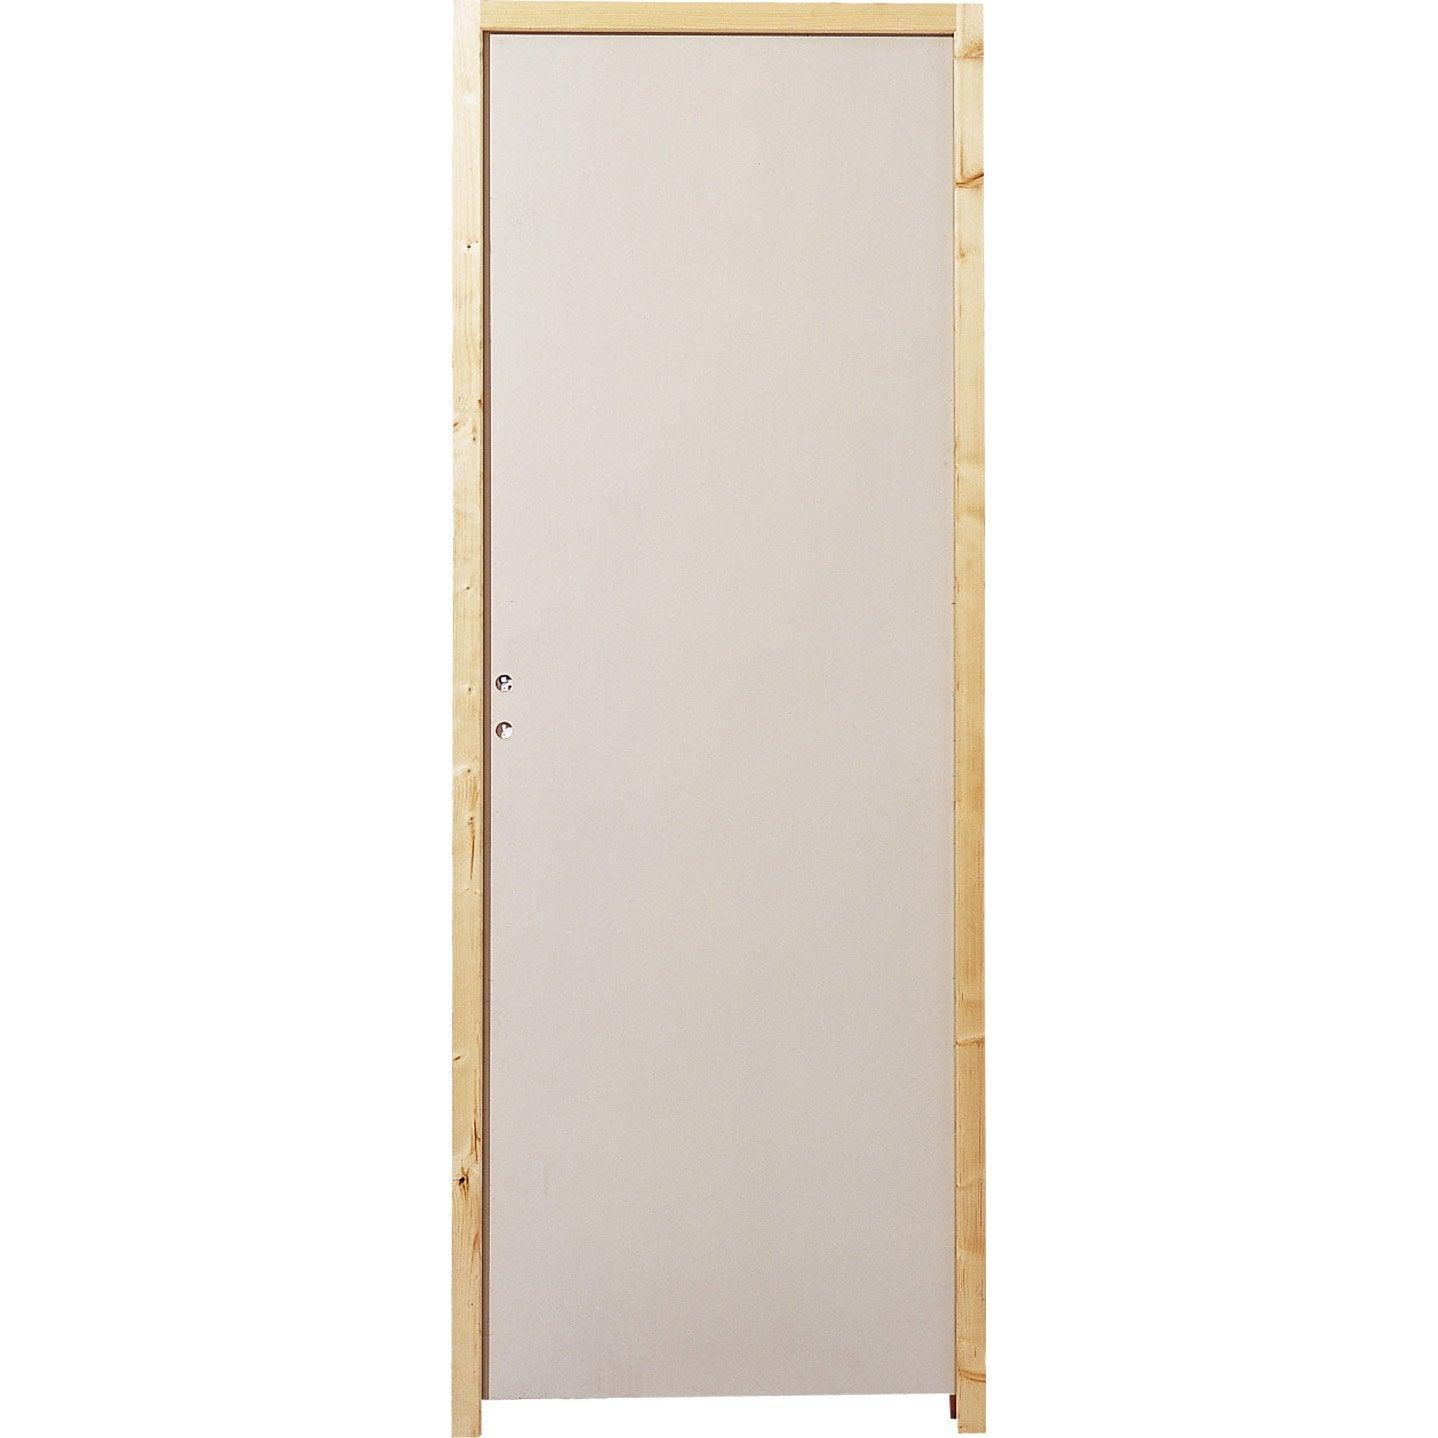 Bloc porte isoplane isoplane x cm poussant for Porte interieure vitree 83 cm